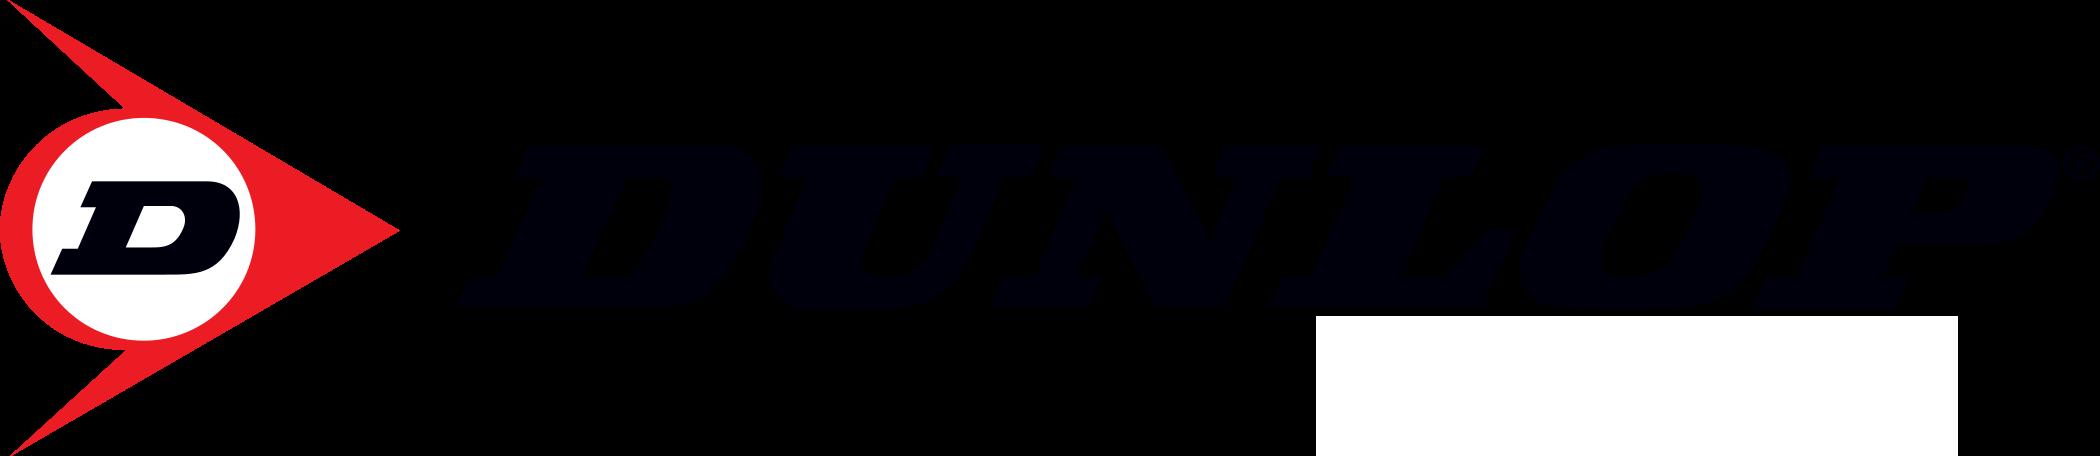 dunlop logo.